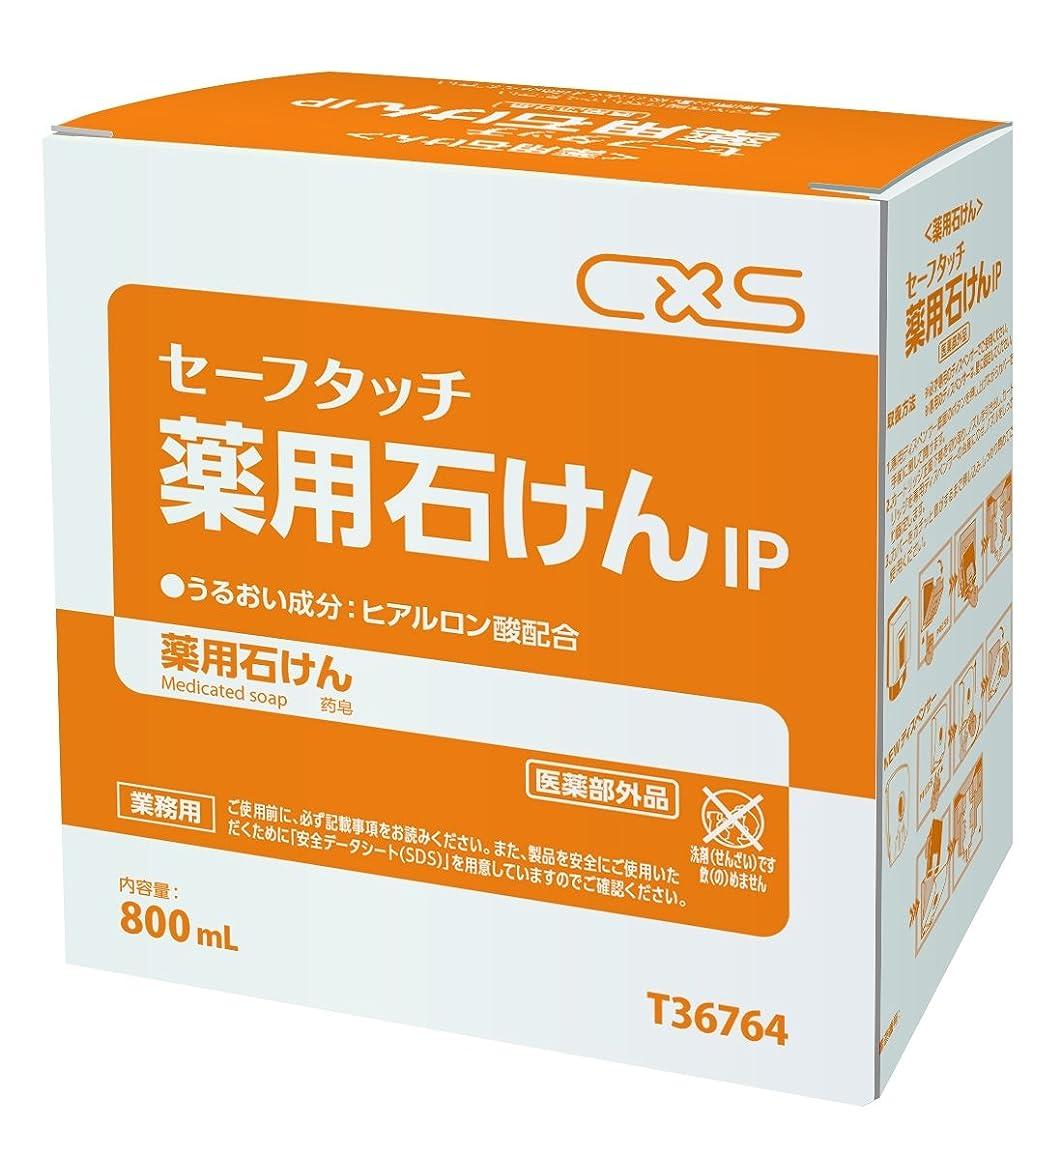 コアエミュレーション特徴セーフタッチ 薬用石けんIP 6箱セット